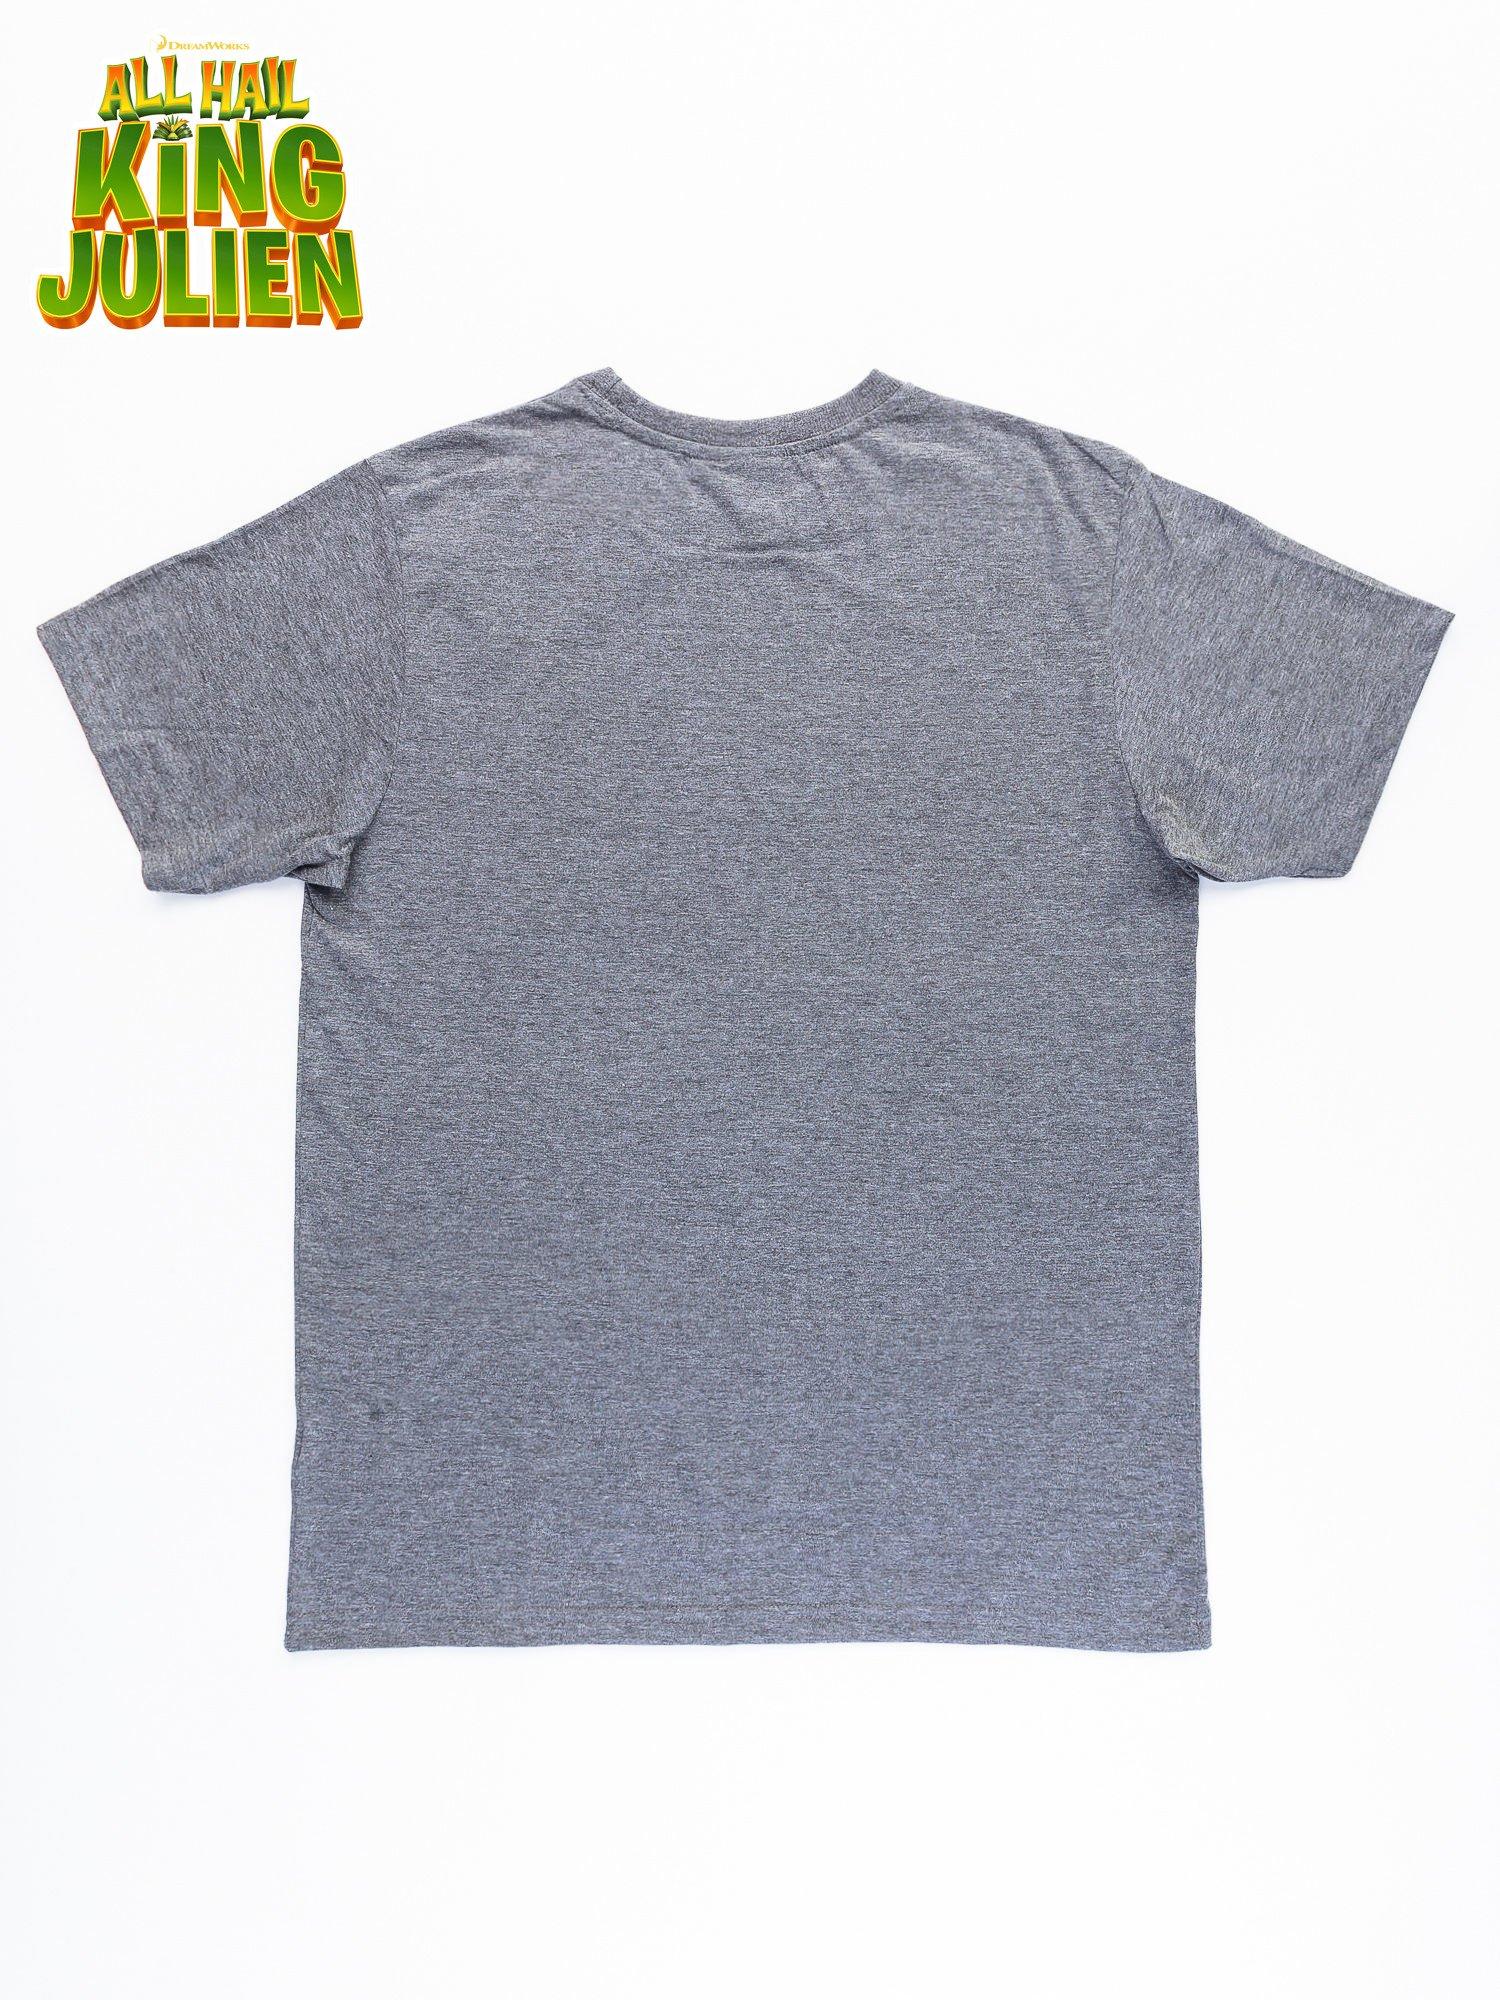 Ciemnoszary t-shirt męski KRÓL JULIAN                                  zdj.                                  10